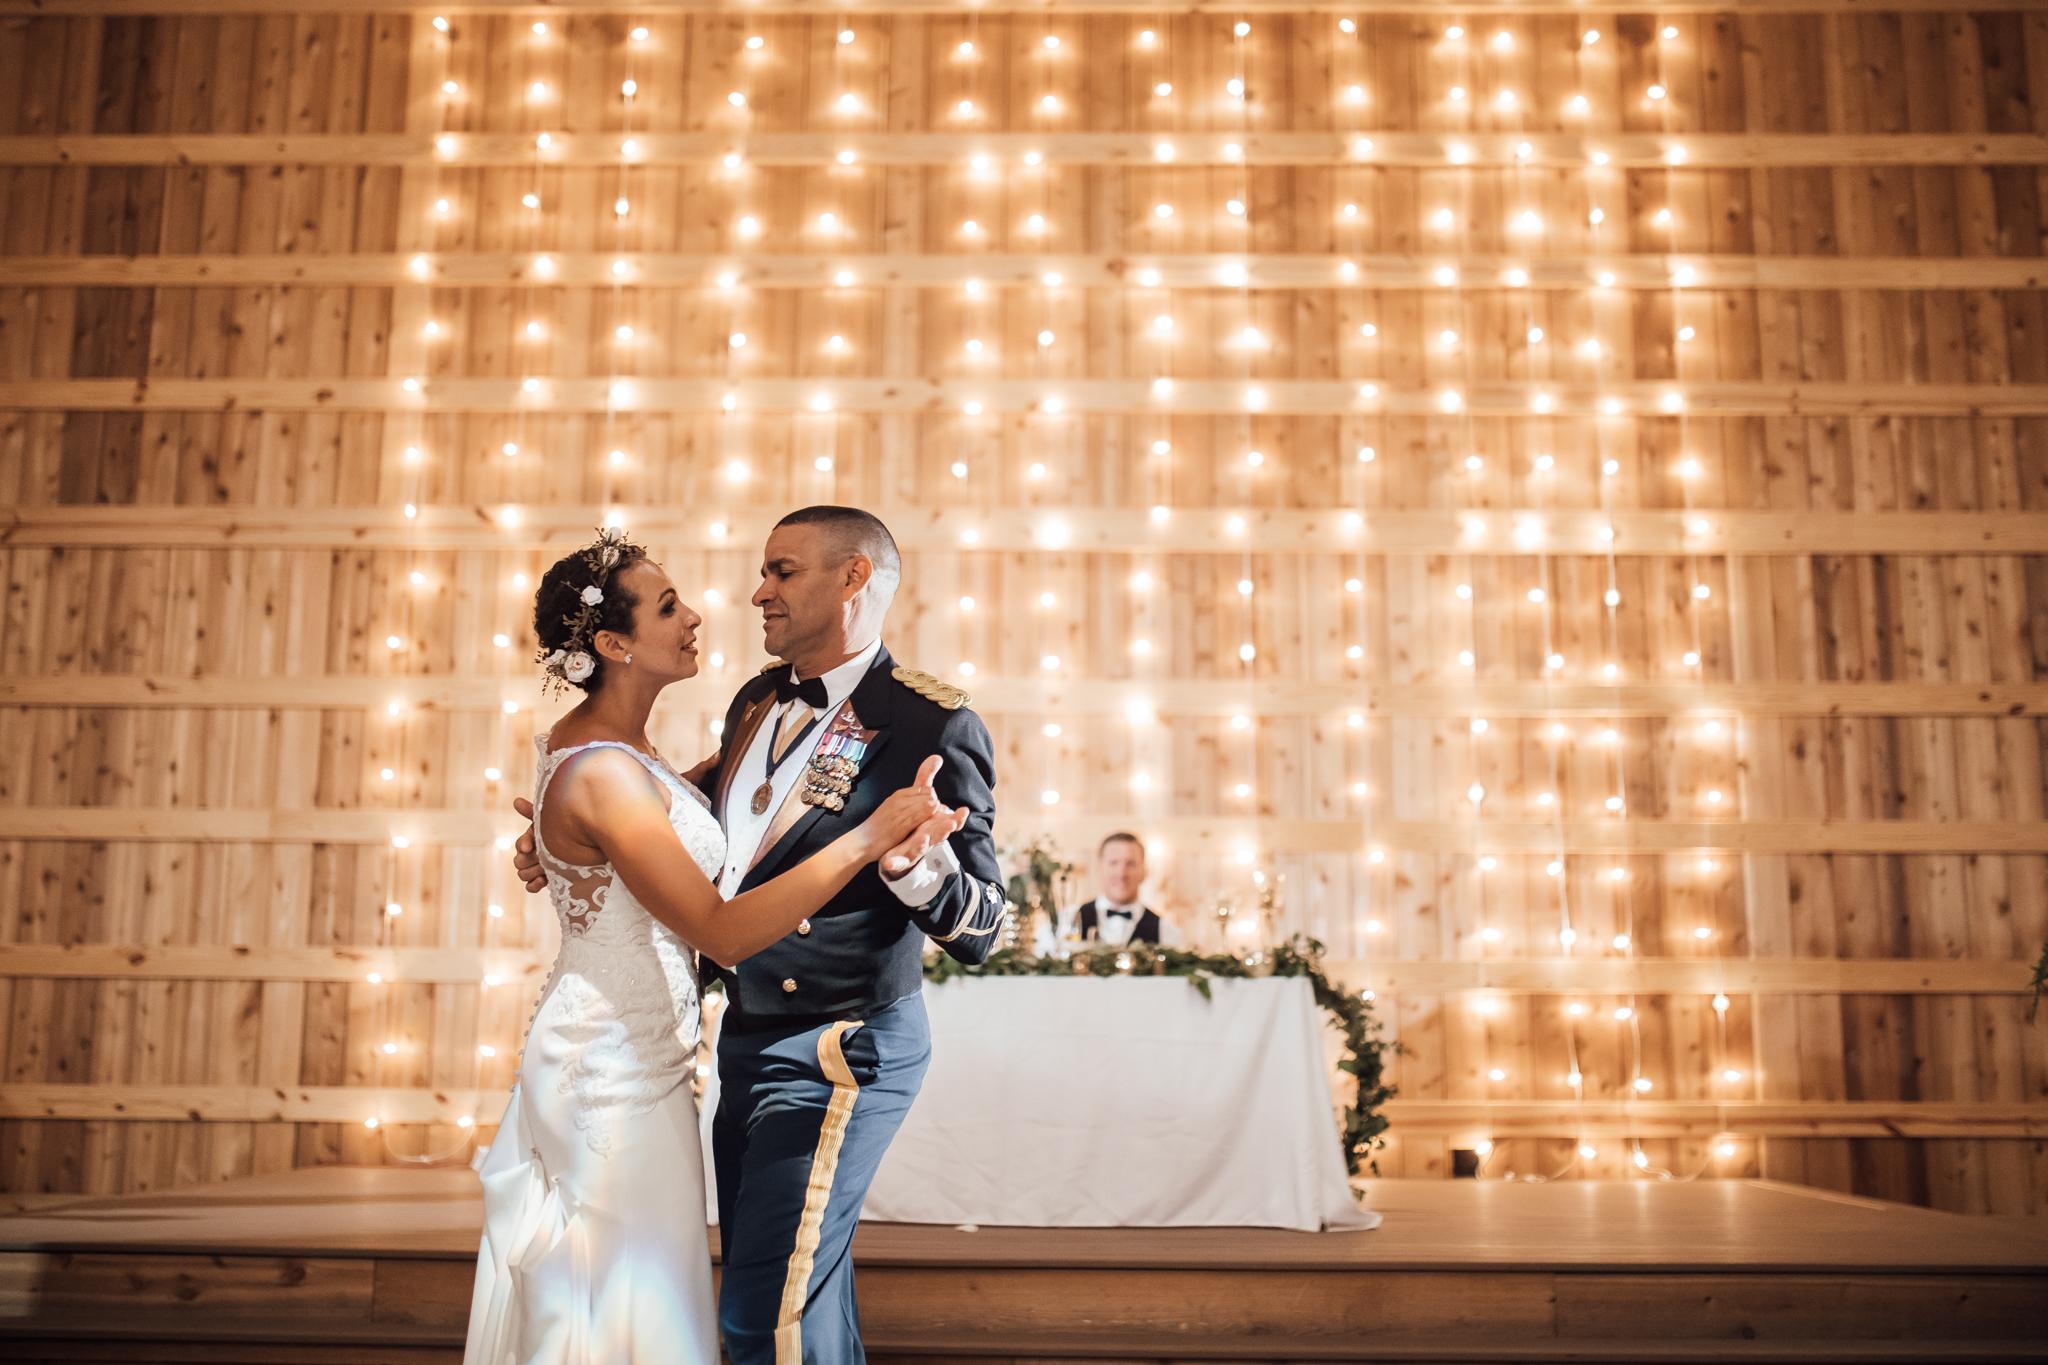 saddlewoodsfarms-nashville-wedding-photographer-thewarmtharoundyou-rustic-wedding (222 of 251).jpg